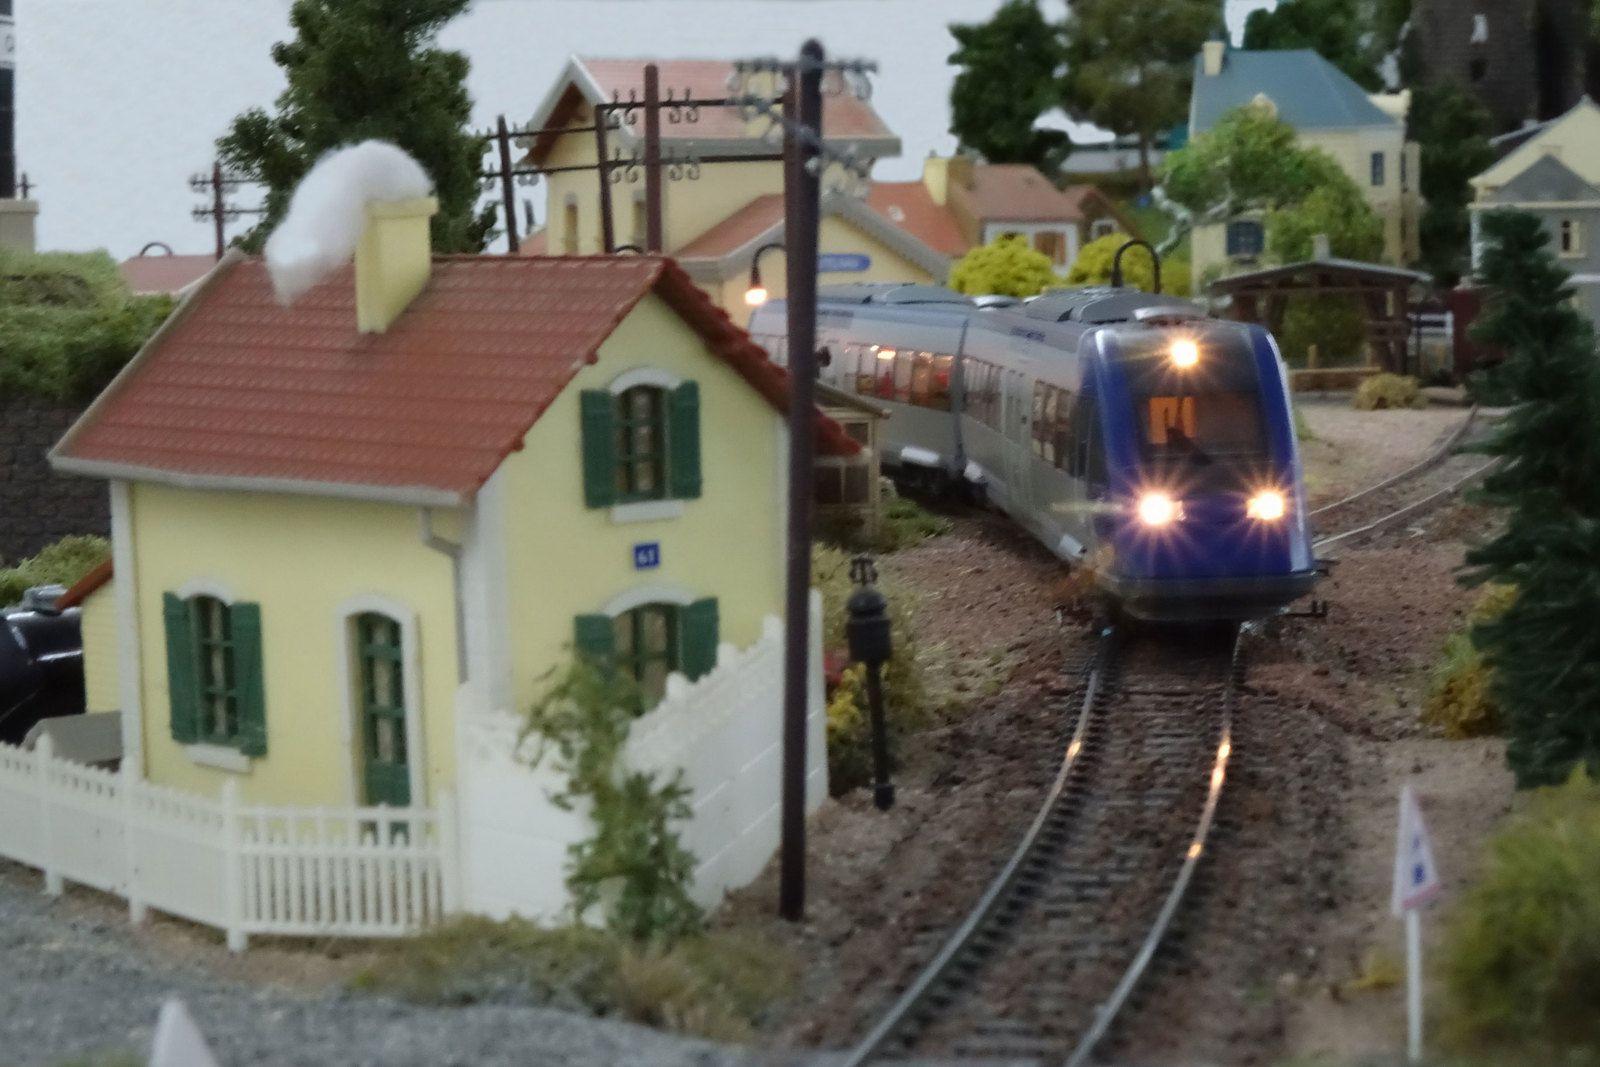 En fin d'après-midi, un X 72500 quitte la gare de Castelnau et se dirige vers Courbeville.